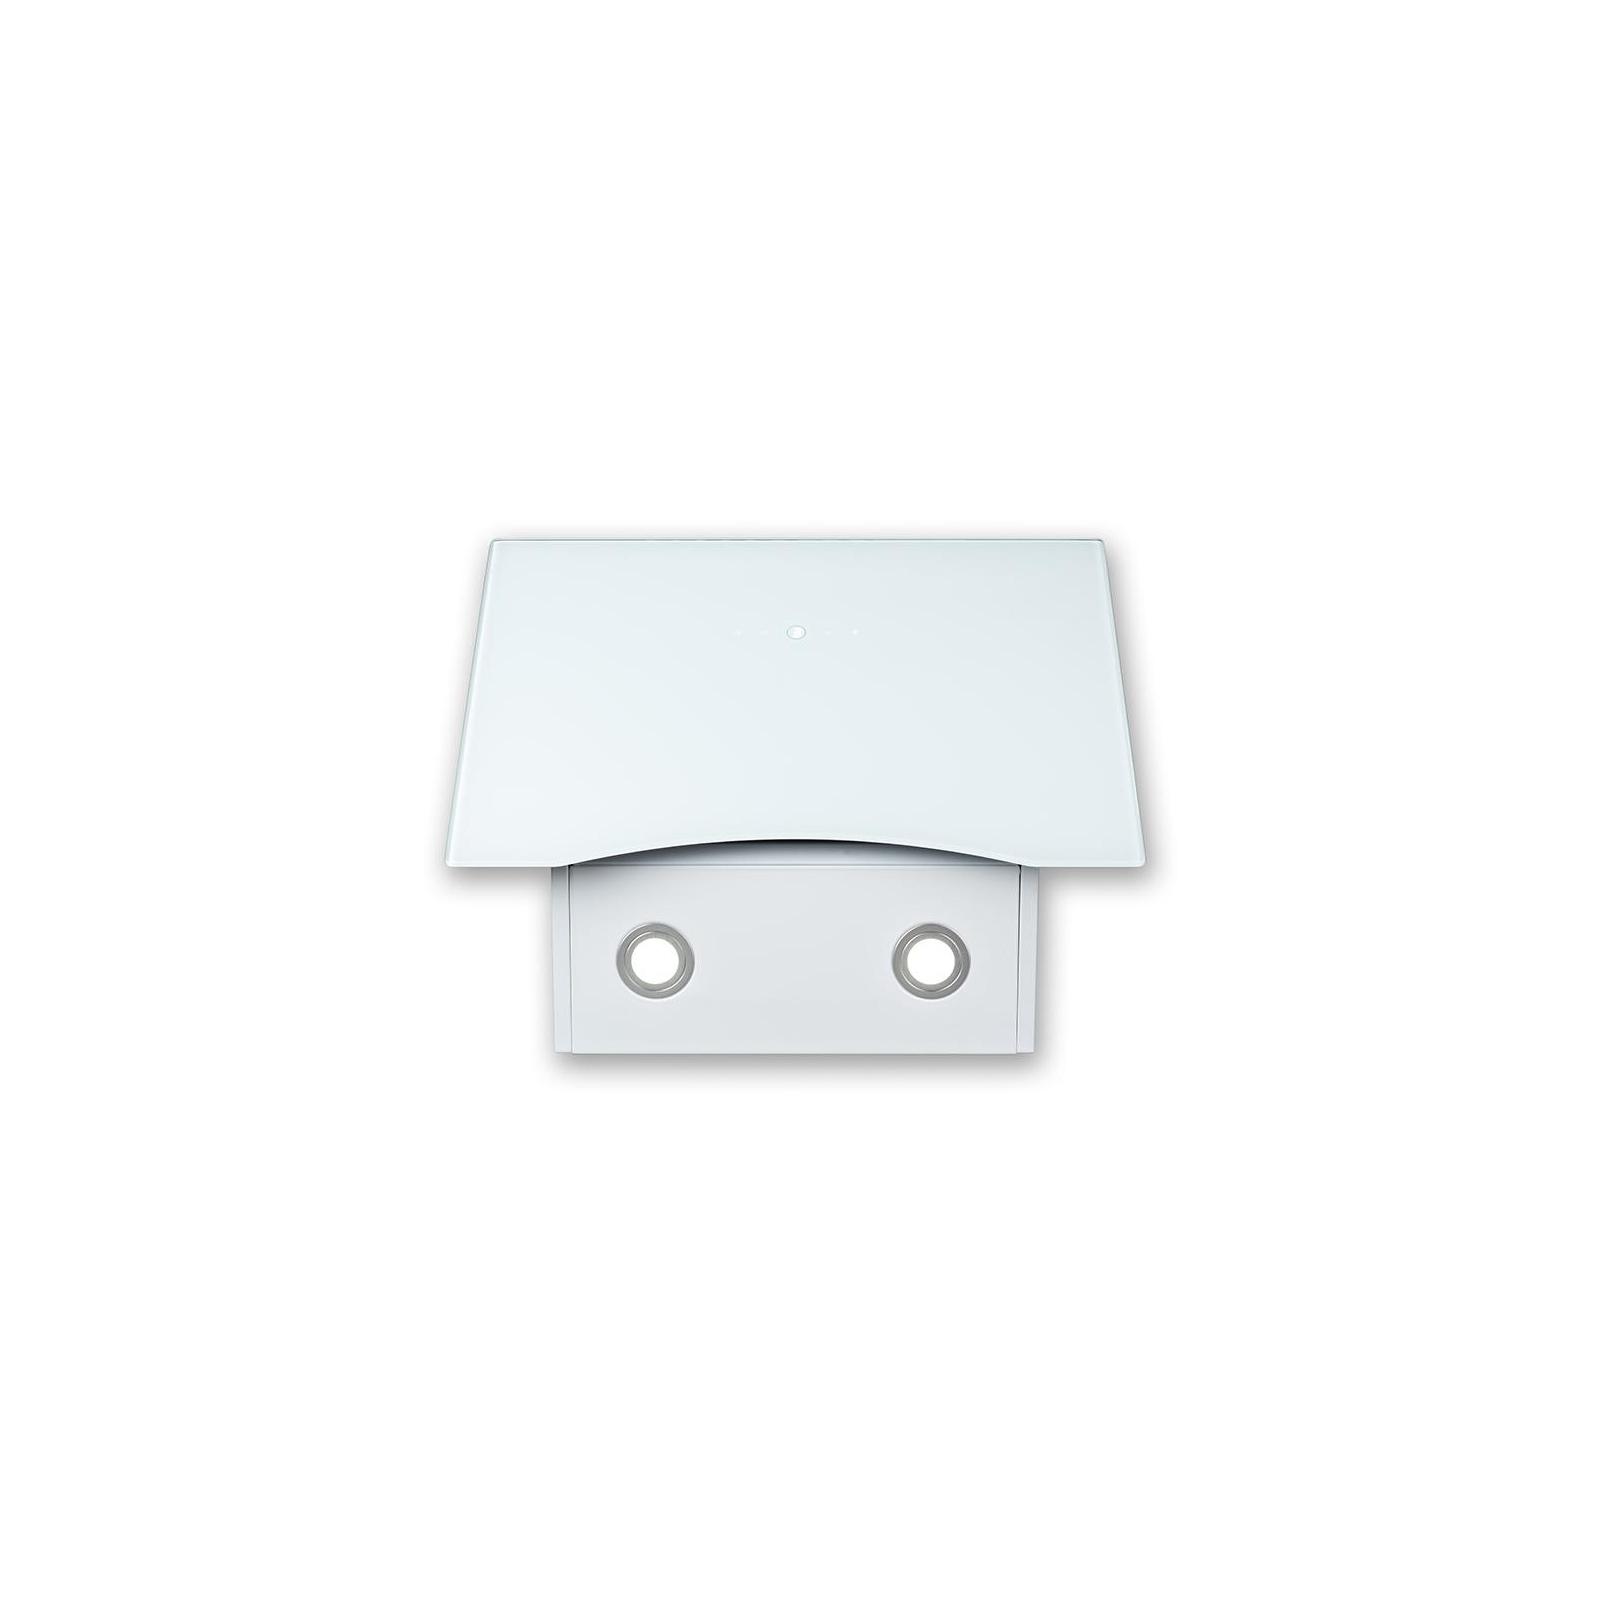 Вытяжка кухонная MINOLA HVS 6612 WH 1000 LED изображение 6